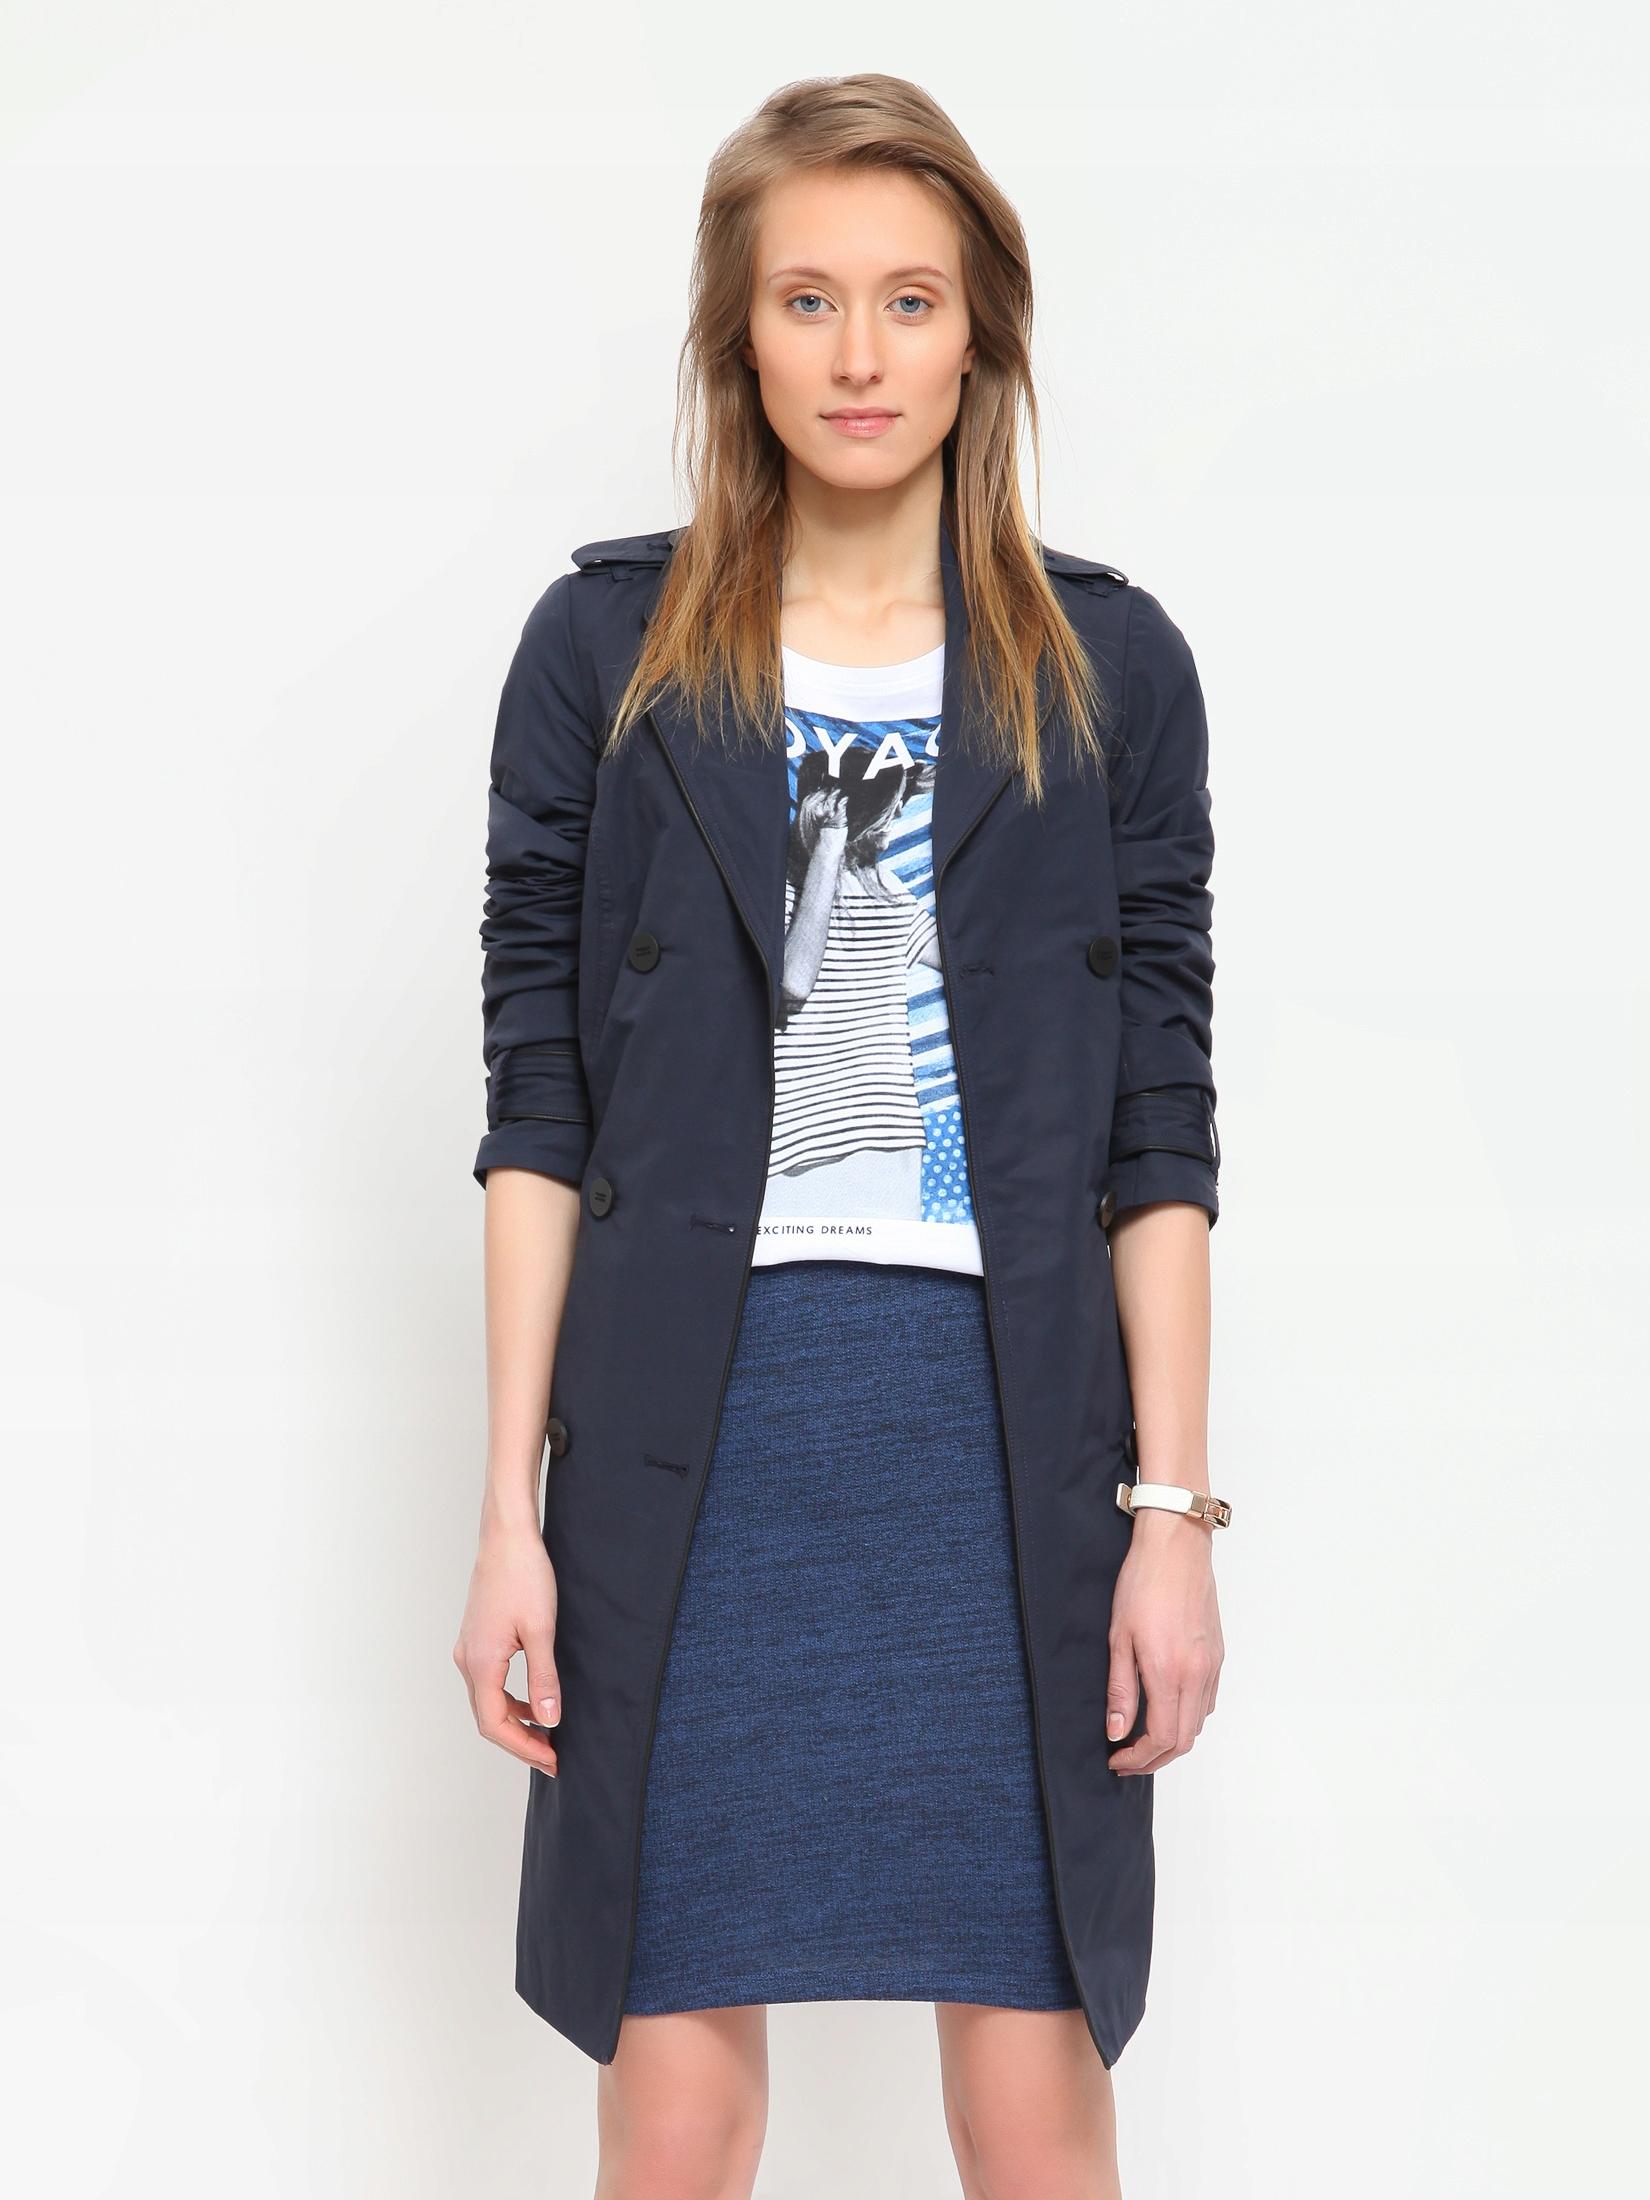 Granatowy płaszcz damski Top Secret 44 SPZ0281GR44